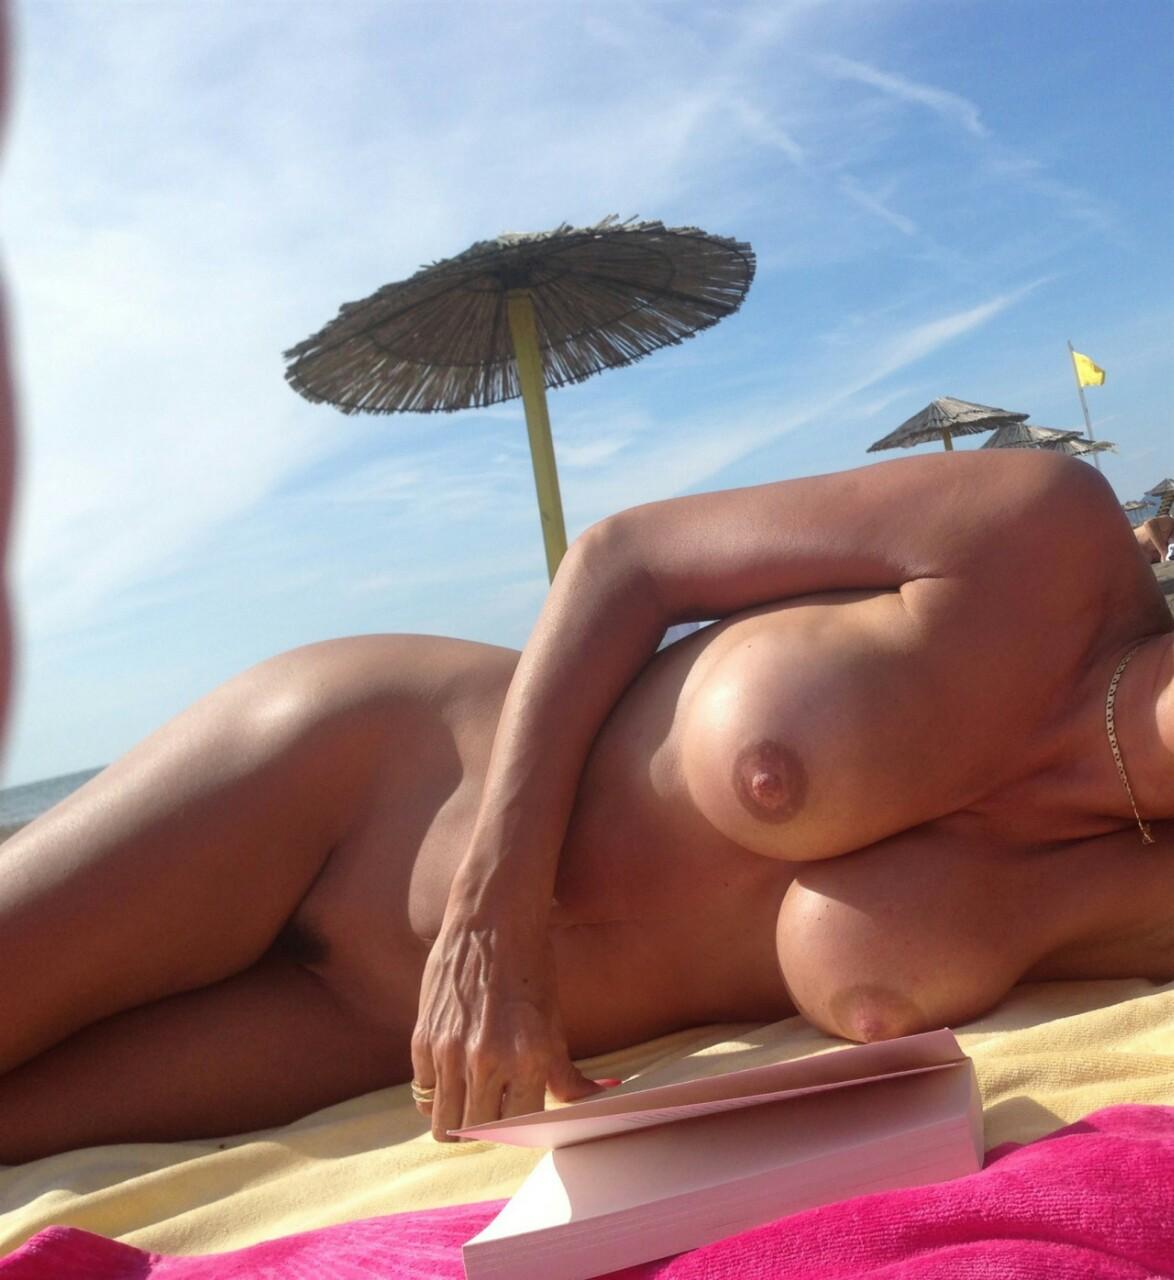 【海外エロ画像】せっかくのヌーディストビーチだし…巨乳美女を見ないと損!(;´∀`)